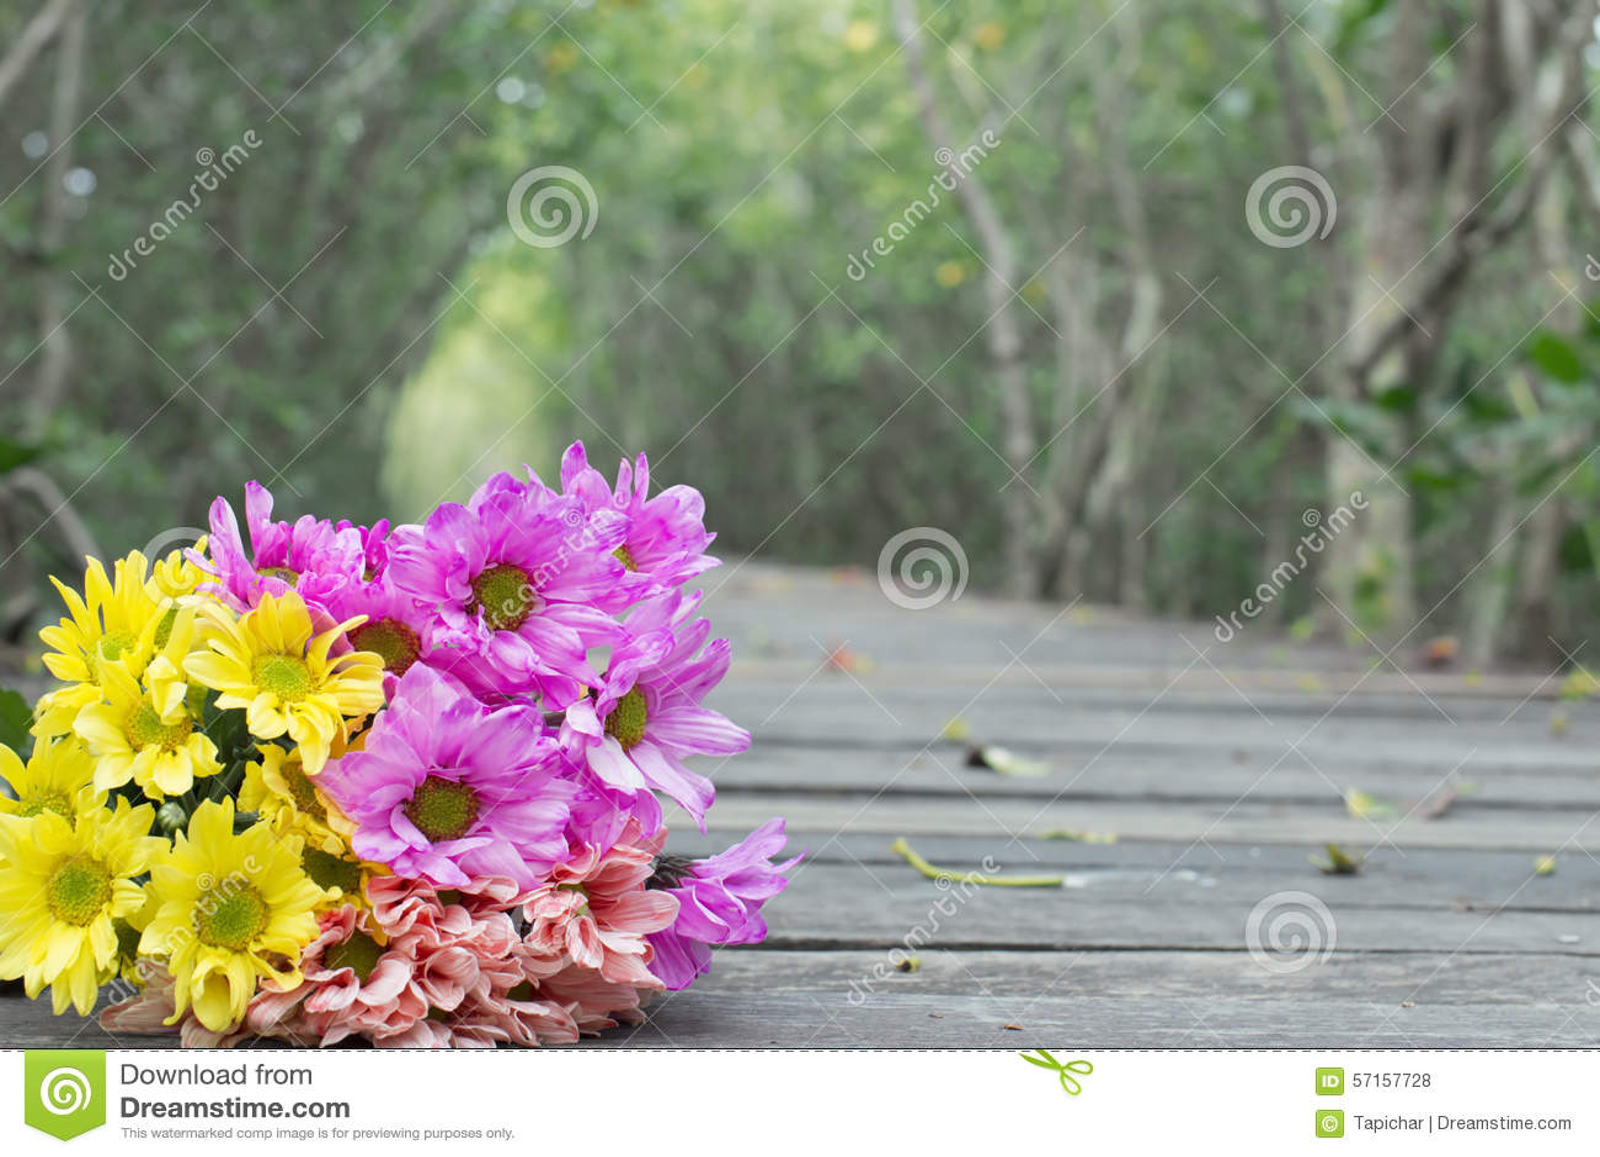 Holzfußboden Legen ~ Blumen die auf den holzfußboden legen stockfoto bild von